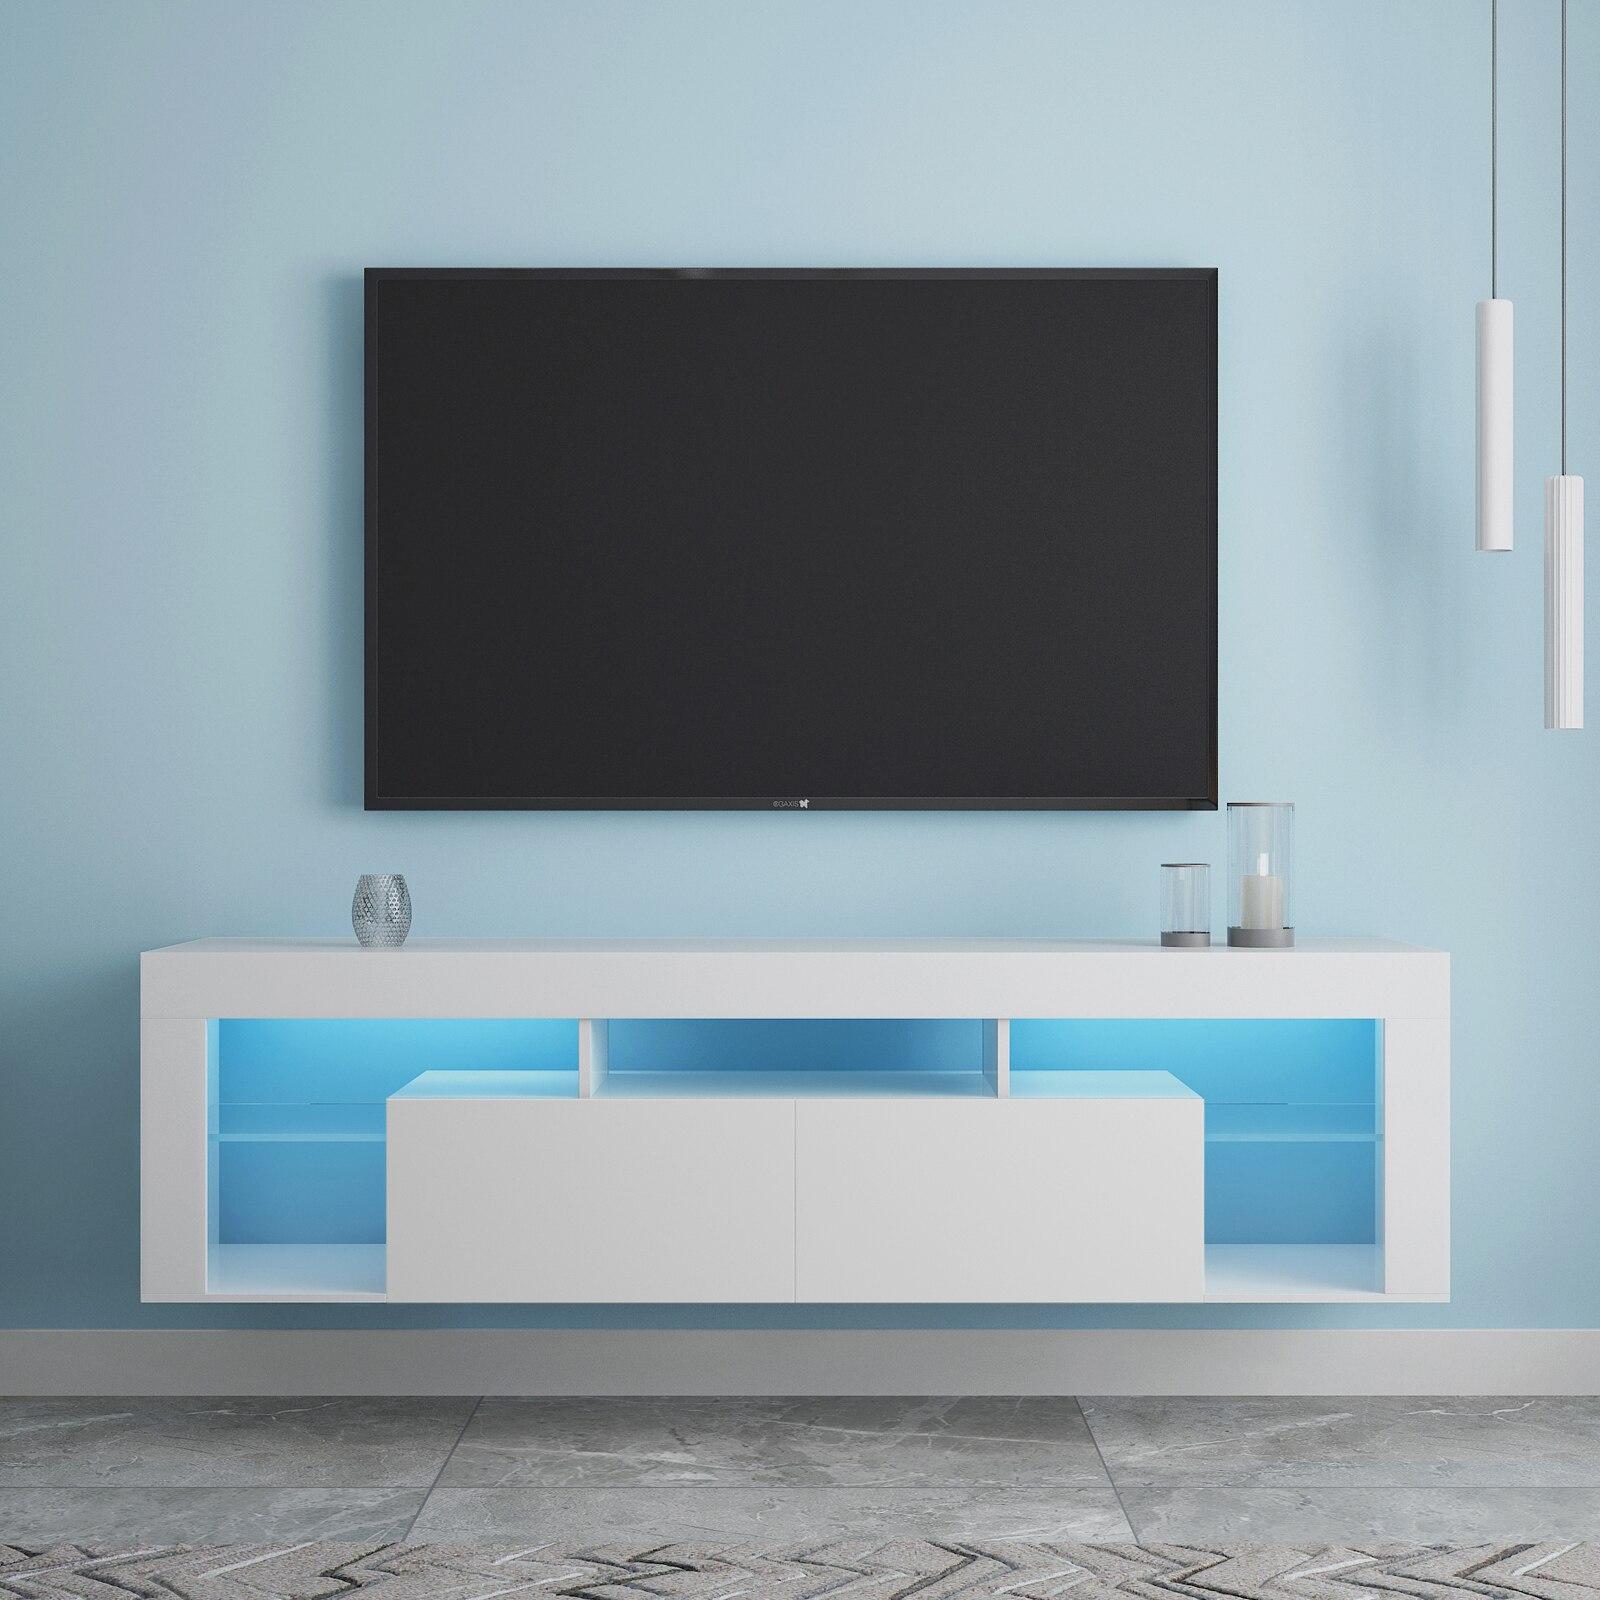 حامل تلفاز مثبت على الحائط 160x33x43 سنتيمتر LED خزانة تلفزيون عائمة أبيض/أسود [US-Stock]